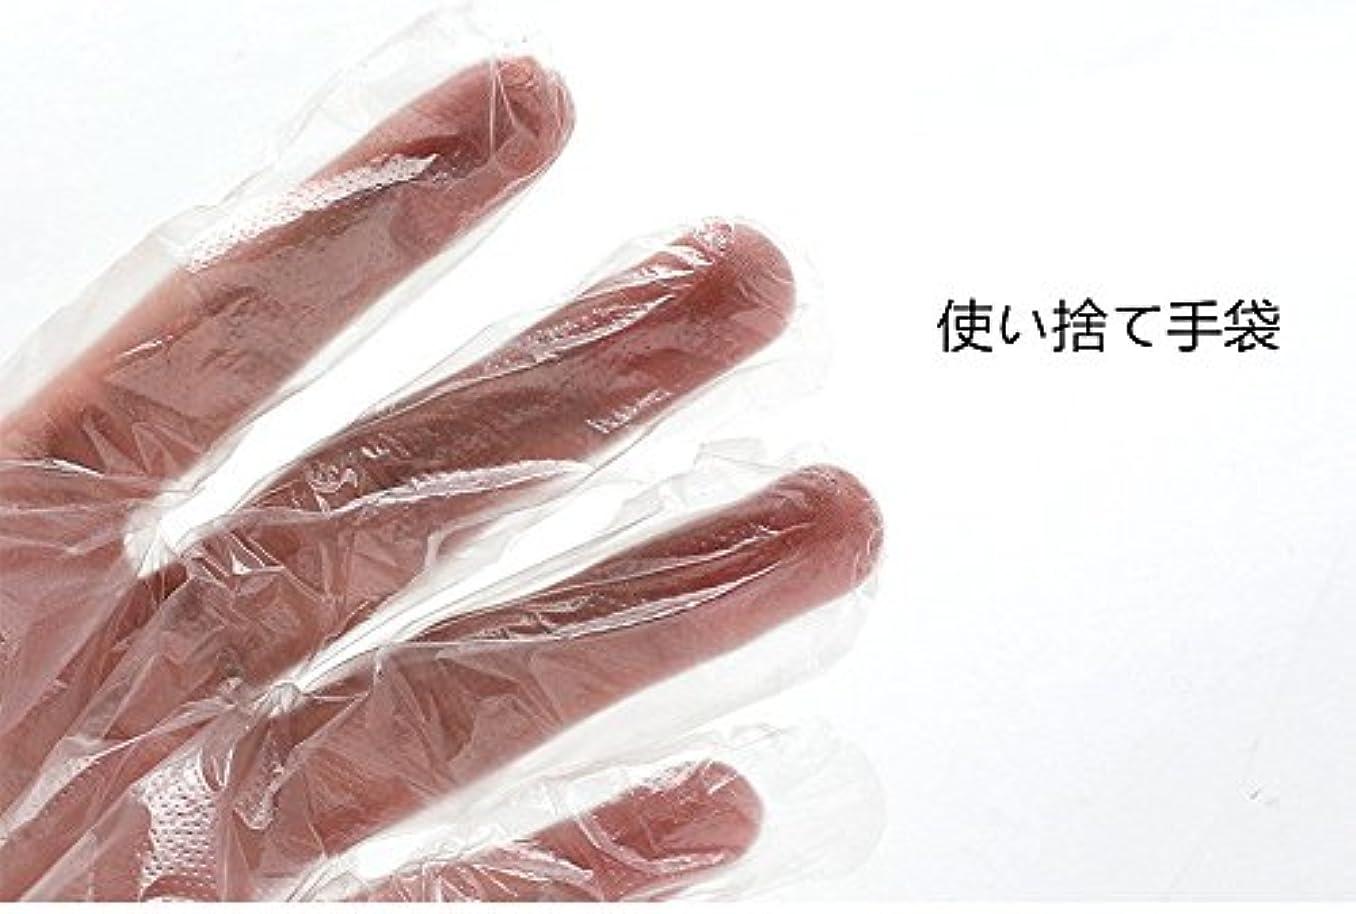 頑固なサラミロードブロッキング使い捨て手袋 左右兼用 掃除 介護 極薄ビニール手袋 ポリエチレン 透明 実用 衛生 95枚